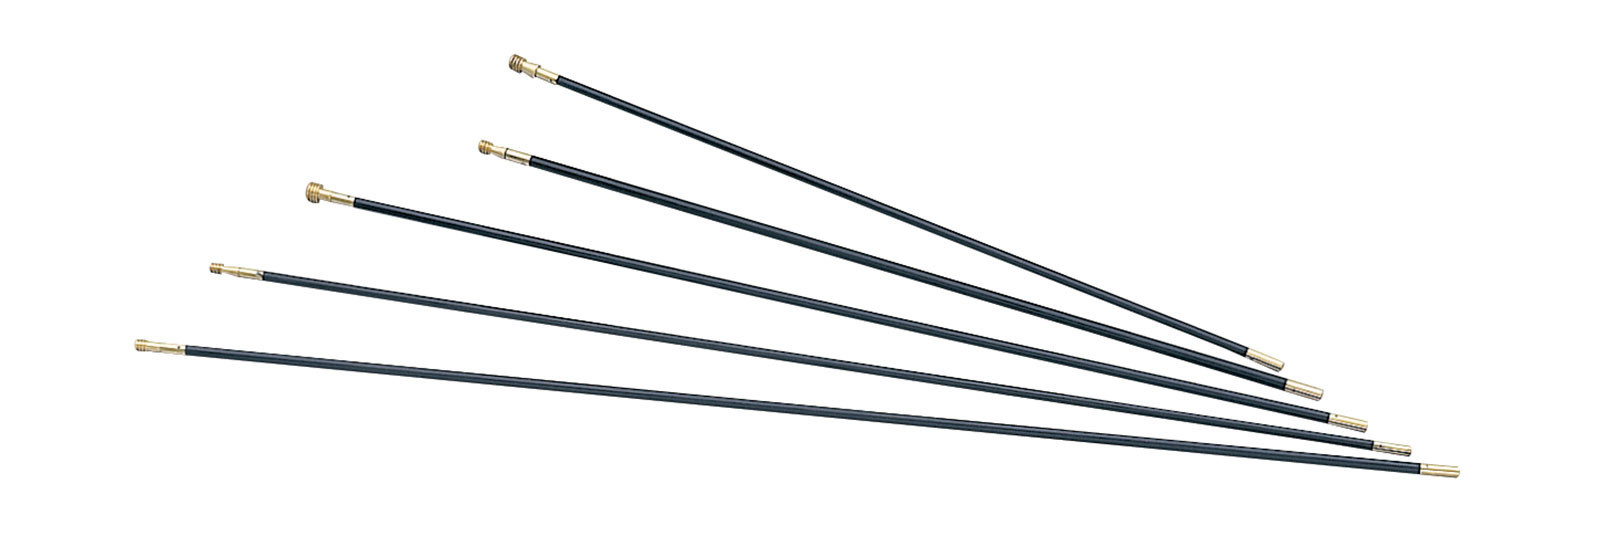 Muzzleloading Fiberglass ramrods 9x890 mm